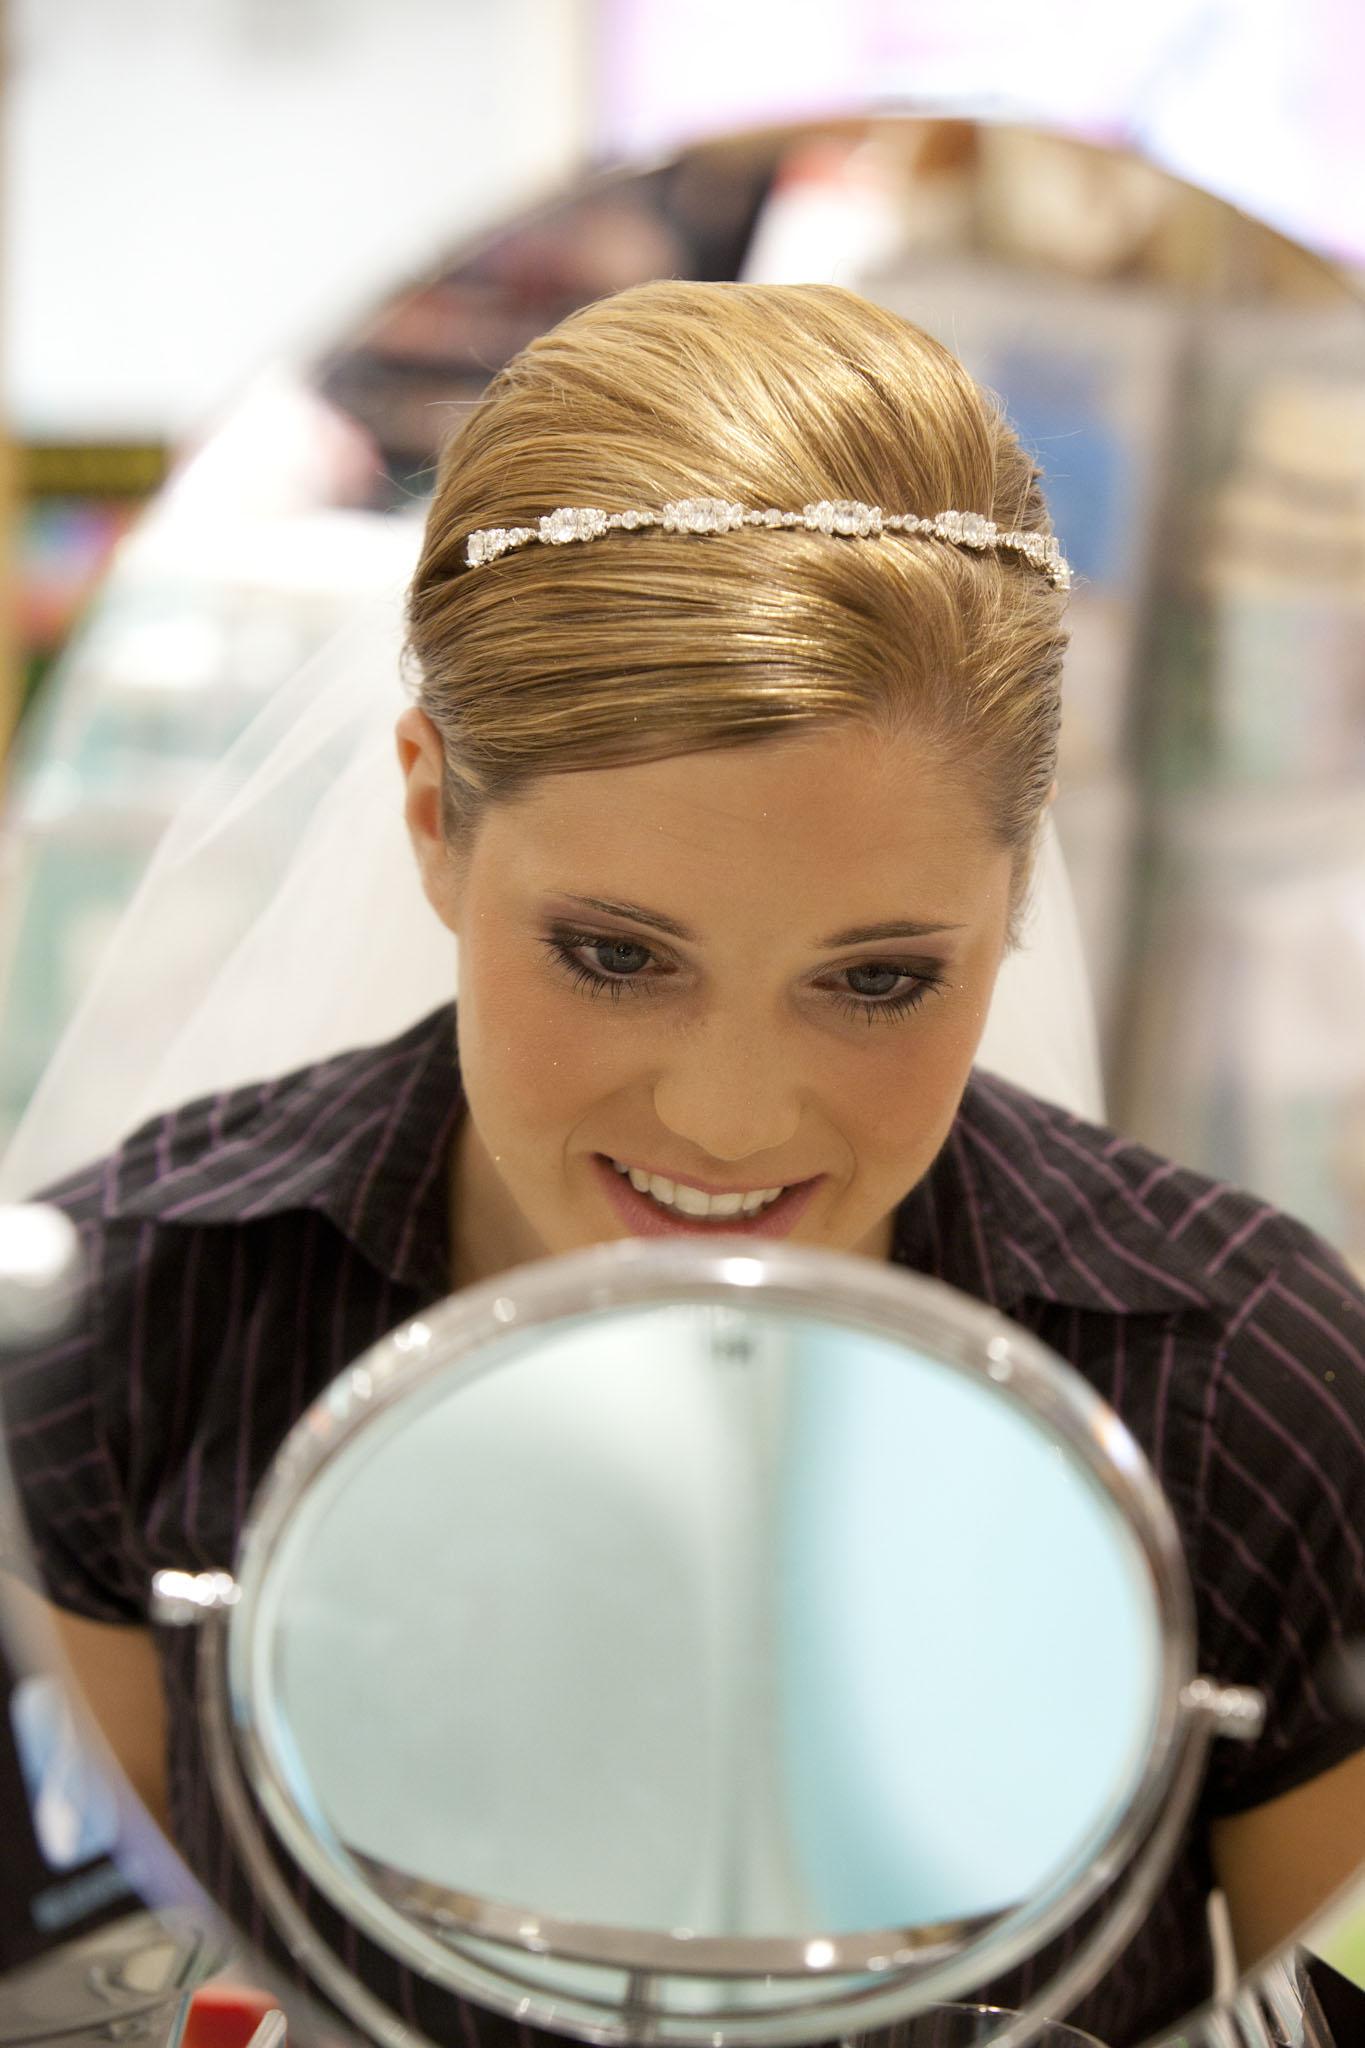 Die Braut sieht sich lächelnd im Spiegel an. Sie begutachtet ihr Make up. Sie trägt einen feinen Perlenhaarreif in der Hochzeitsfrisur.